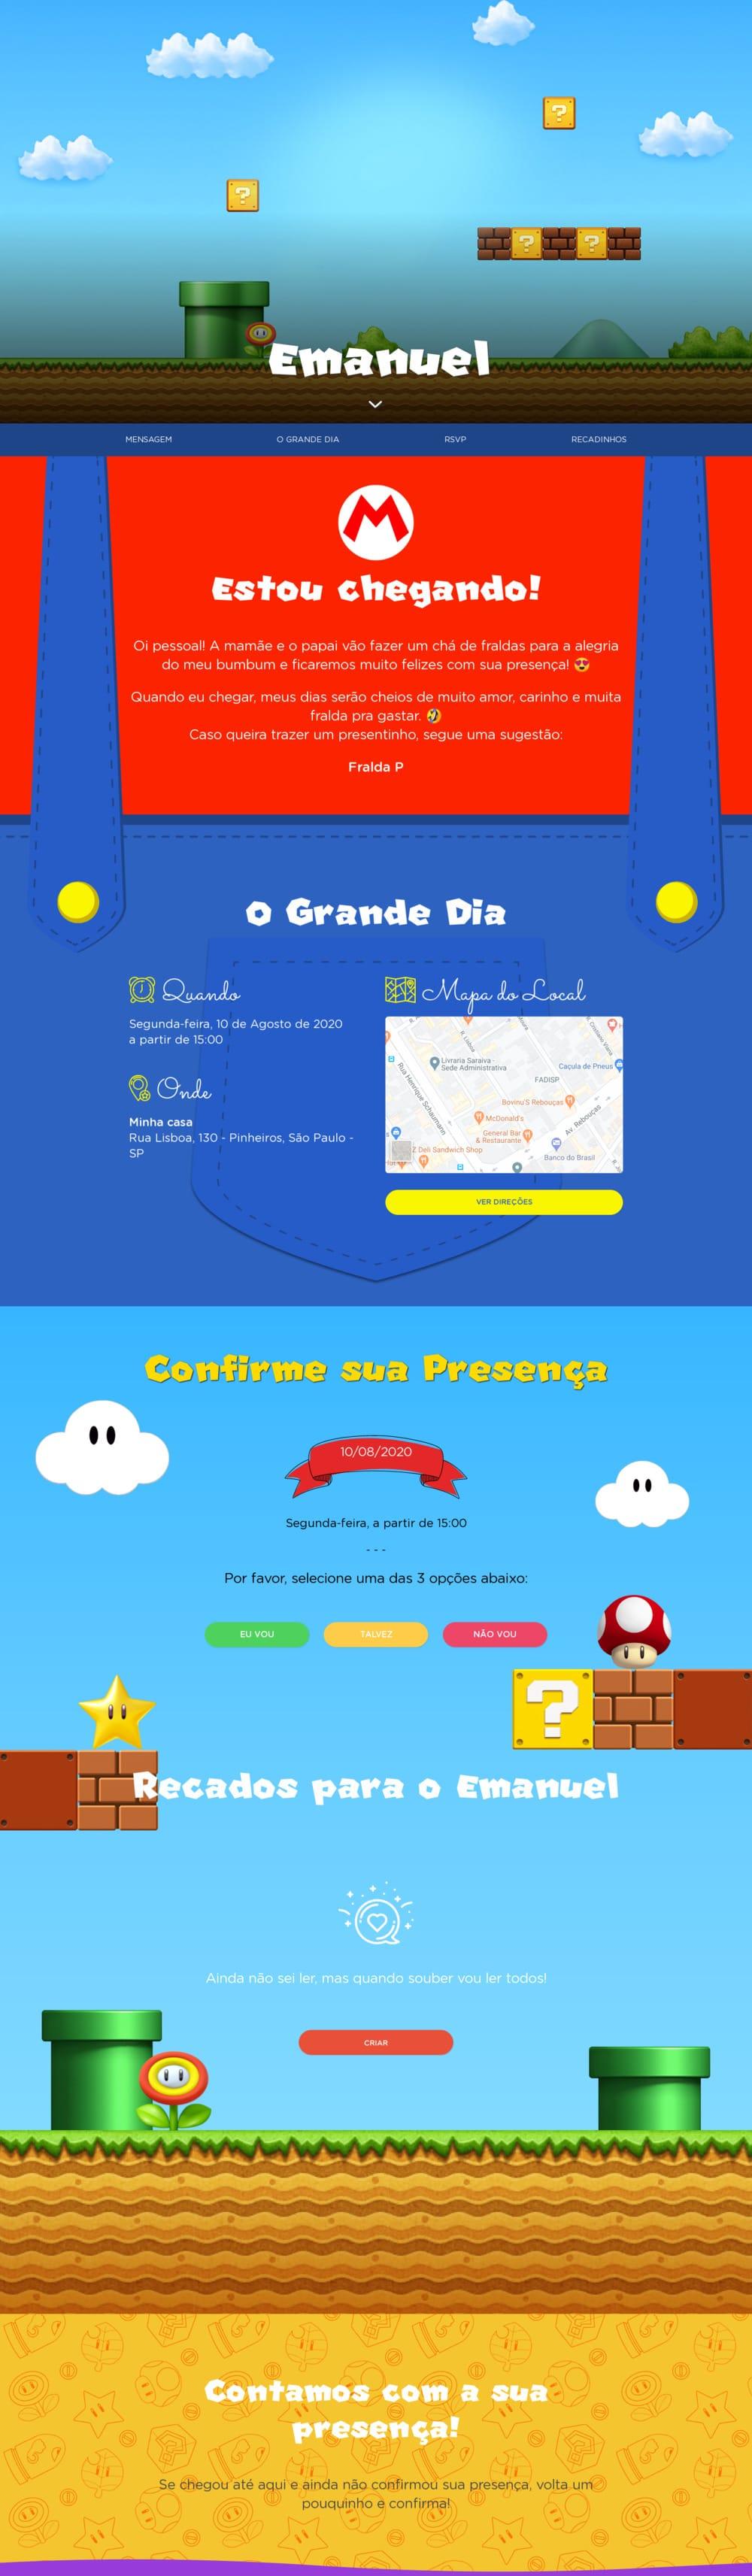 Vibe de Cha de fraldas - Mario Bros.